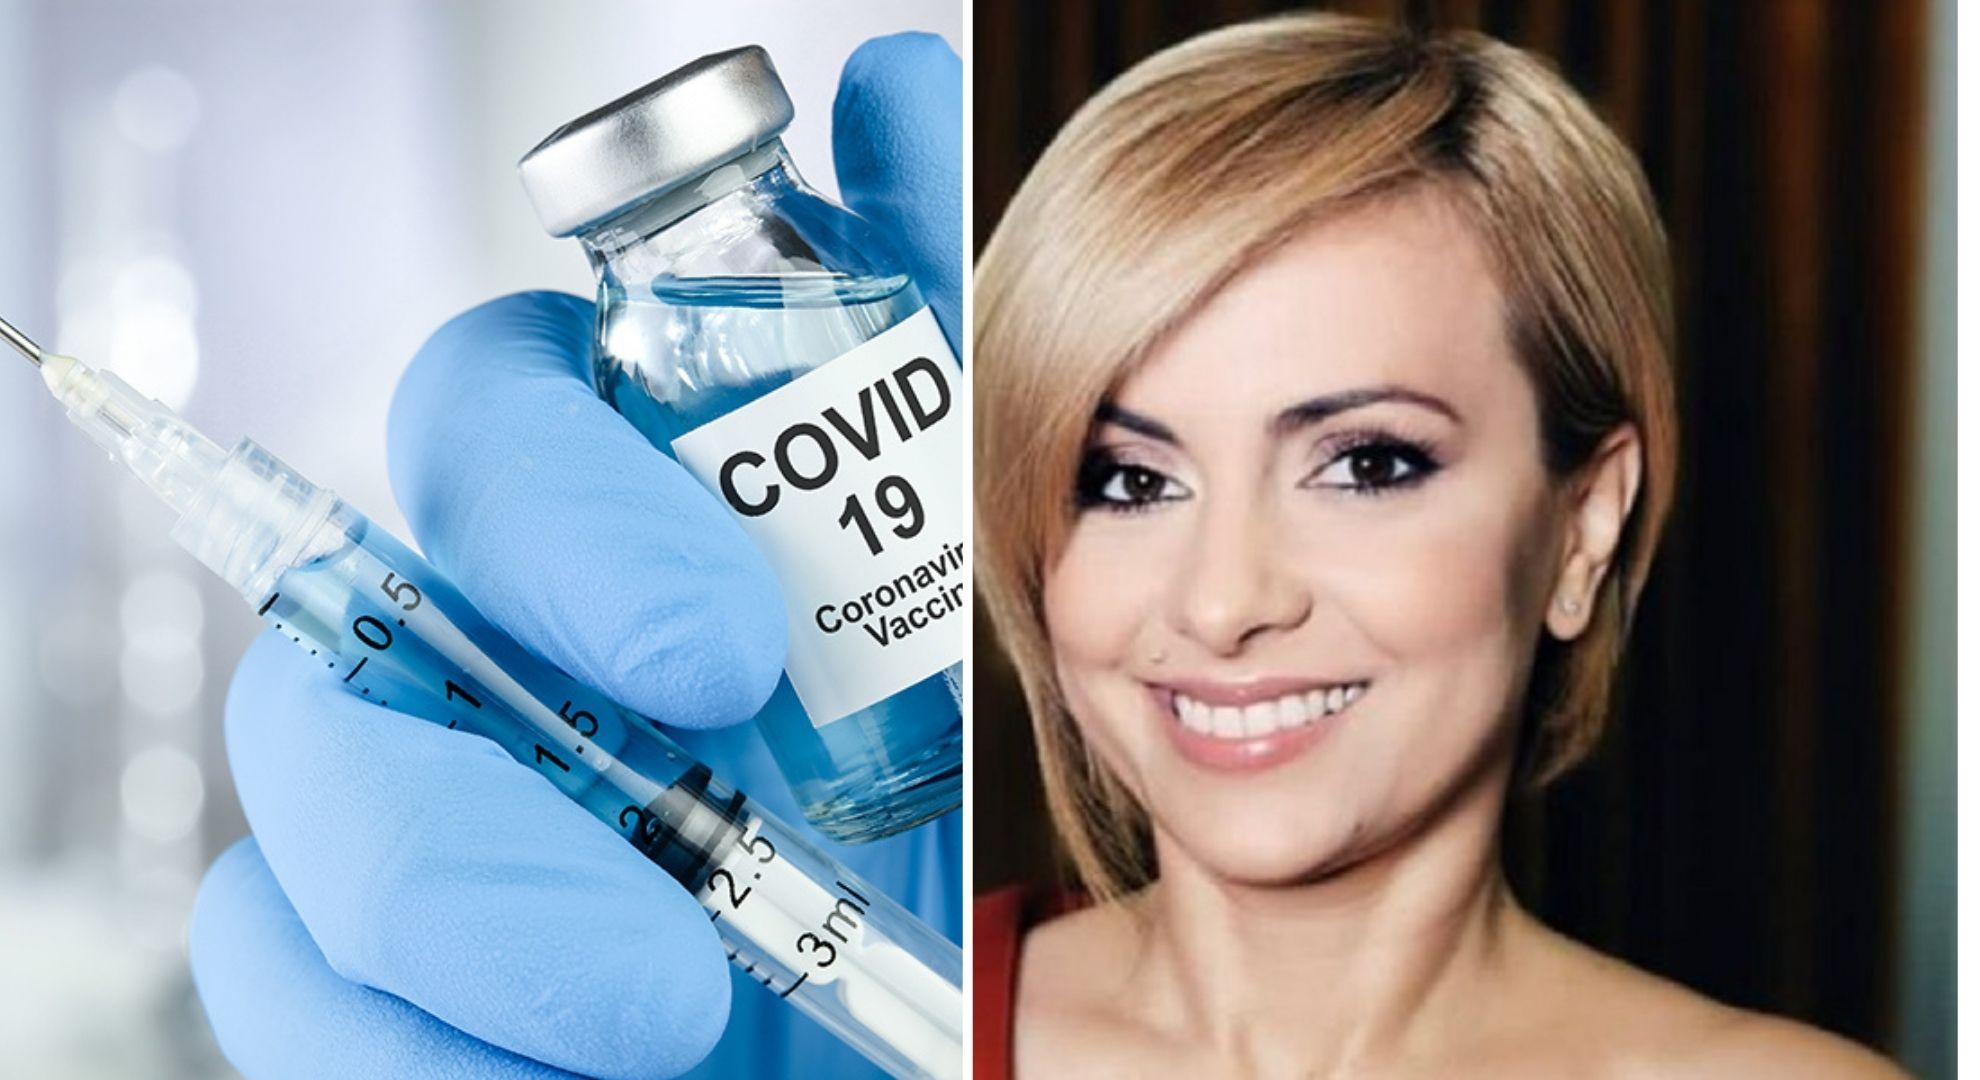 Simona Gherghe nerăbdătoare să-și facă vaccinul anti-coronavirus